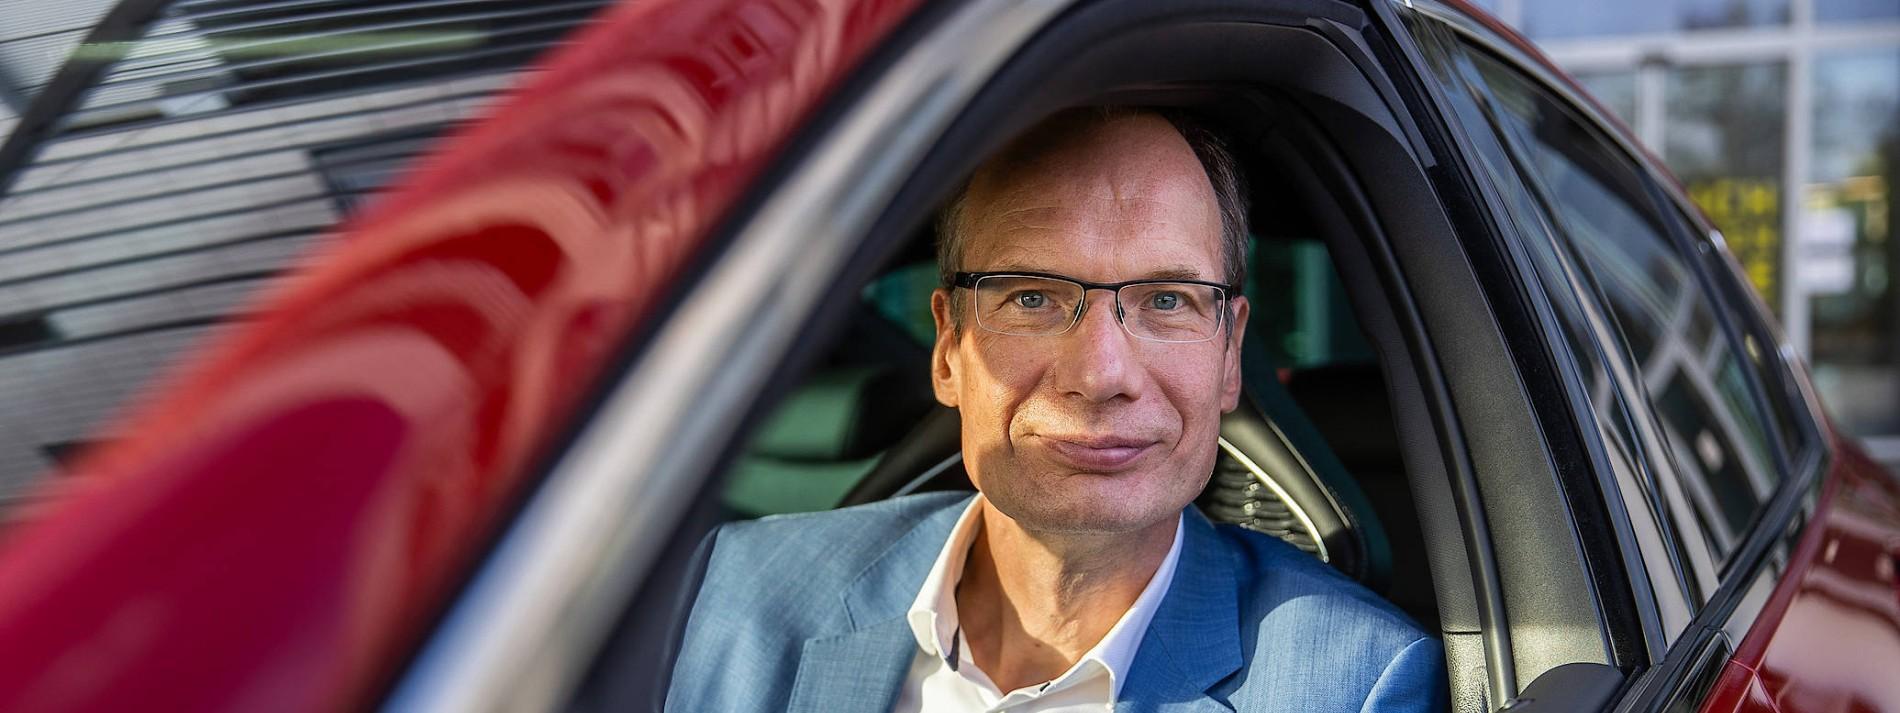 Opel bringt Autos mit Brennstoffzellen auf die Straße